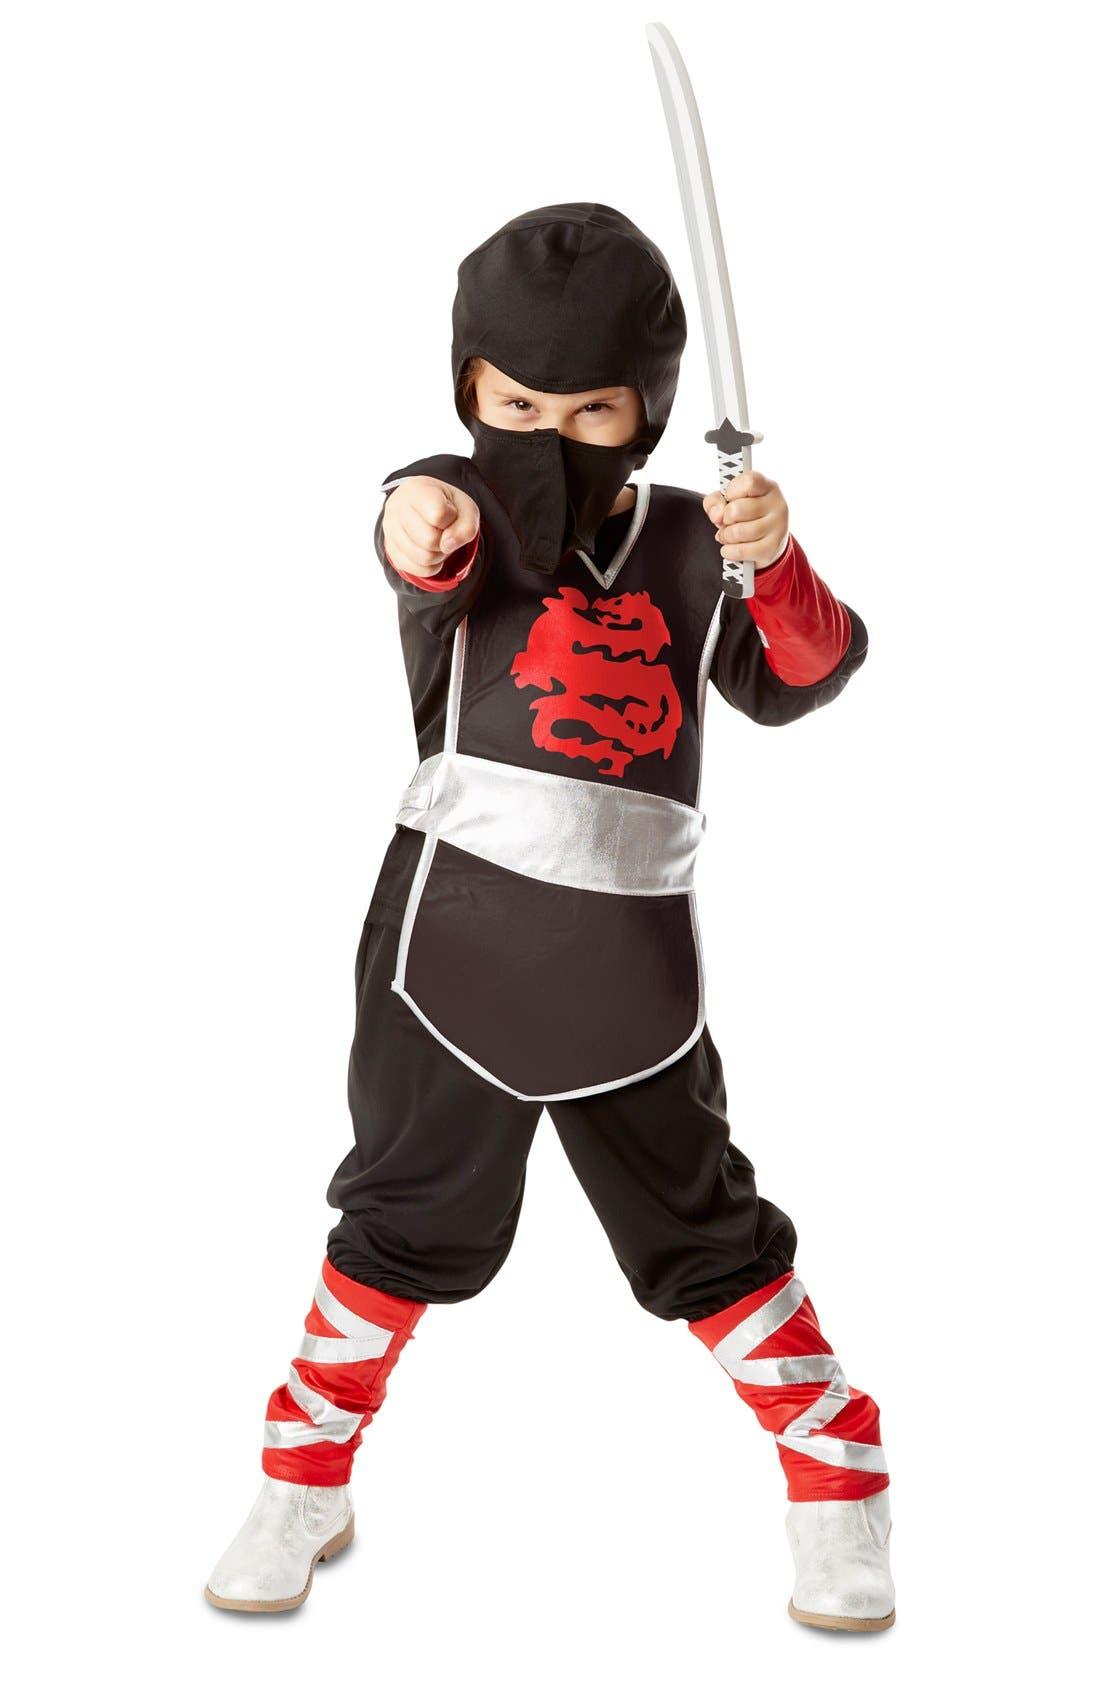 Main Image - Melissa & Doug Ninja Costume Set (Little Kid)